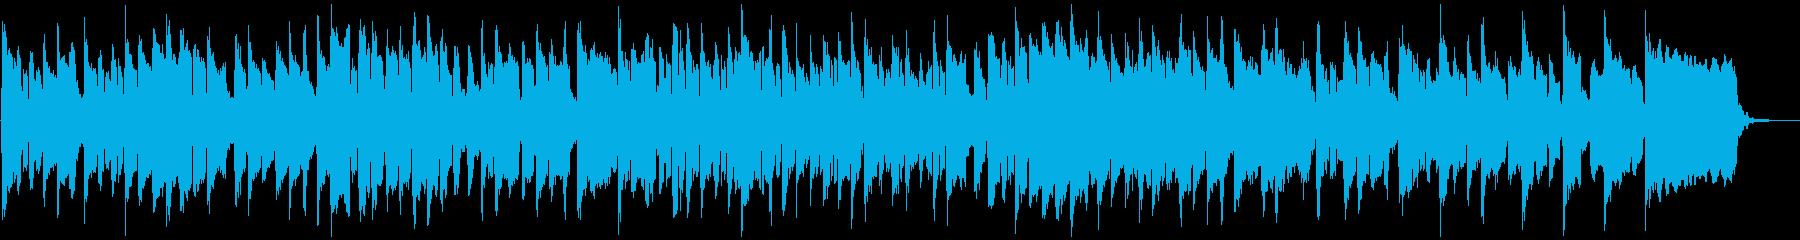 メルヘンチックなリコーダーとおもちゃ楽器の再生済みの波形